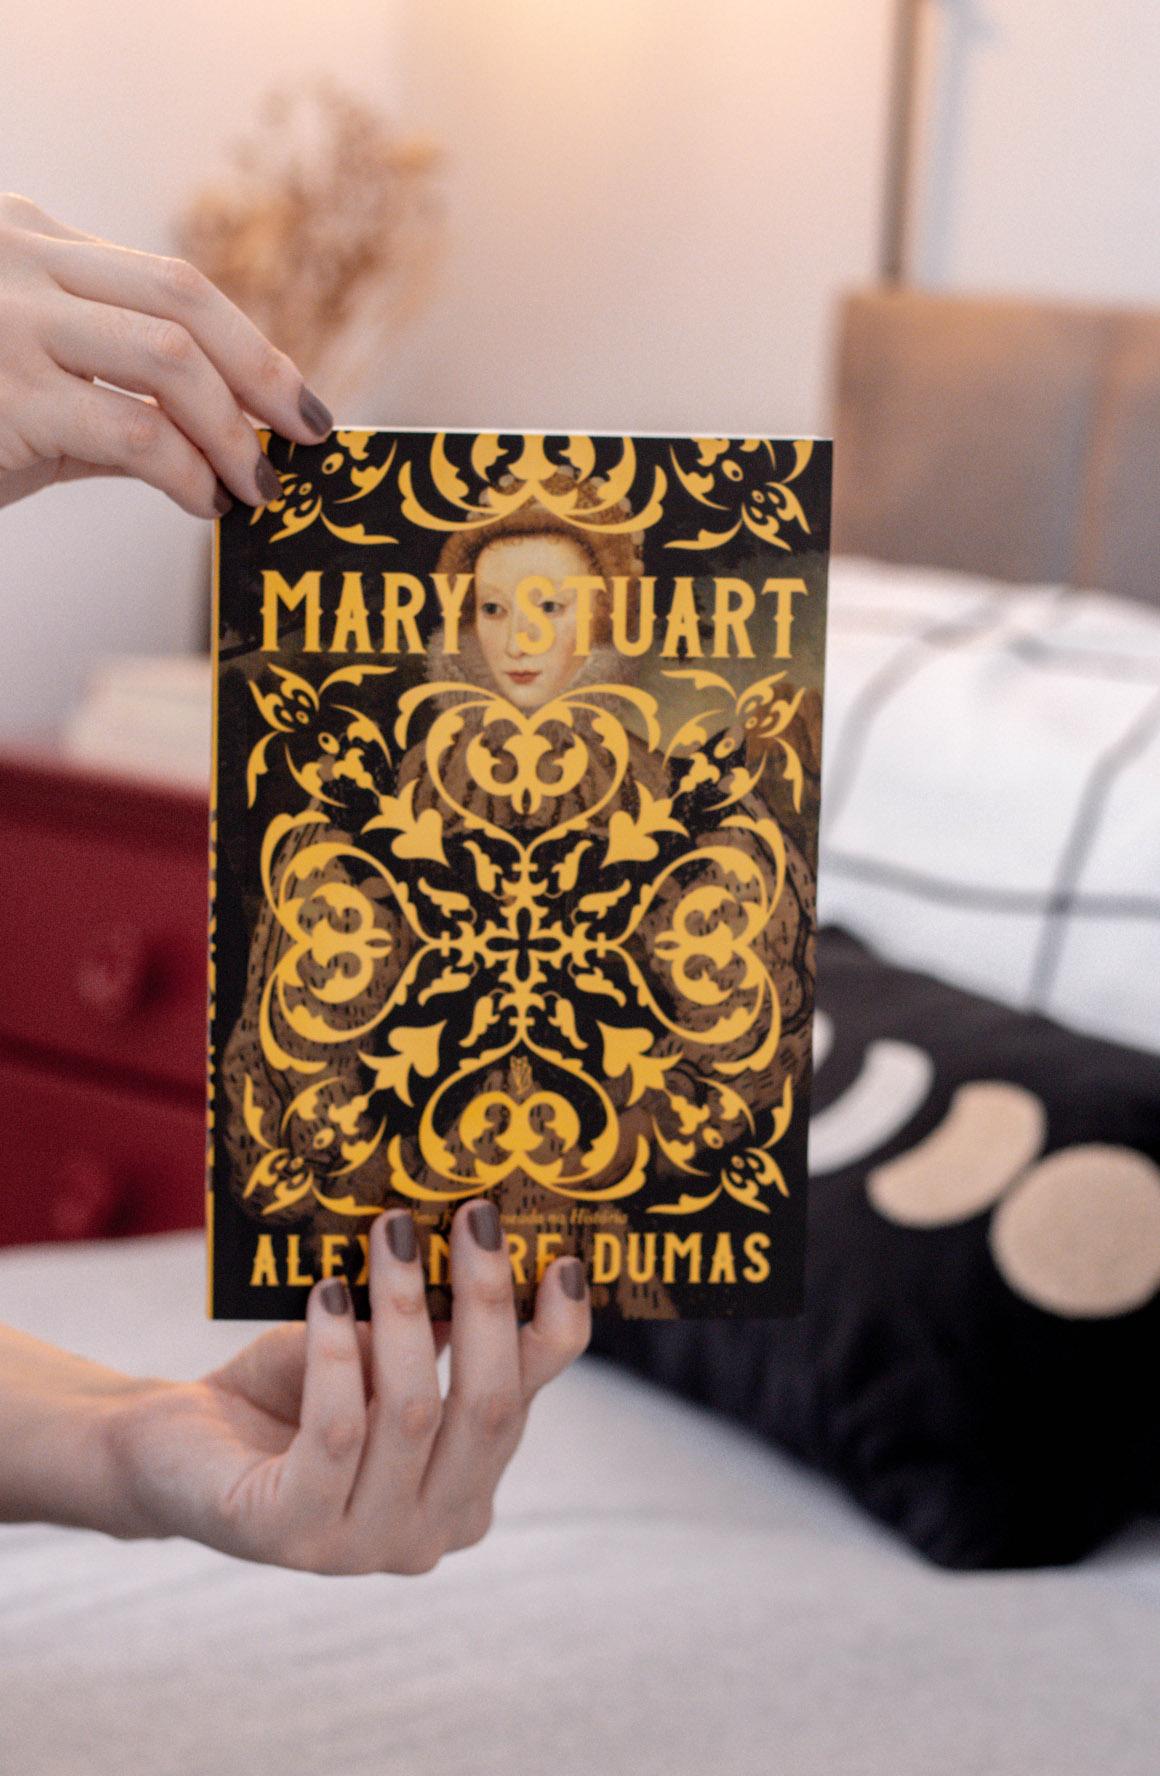 Mary Stuart Alexandre dumas editora wish